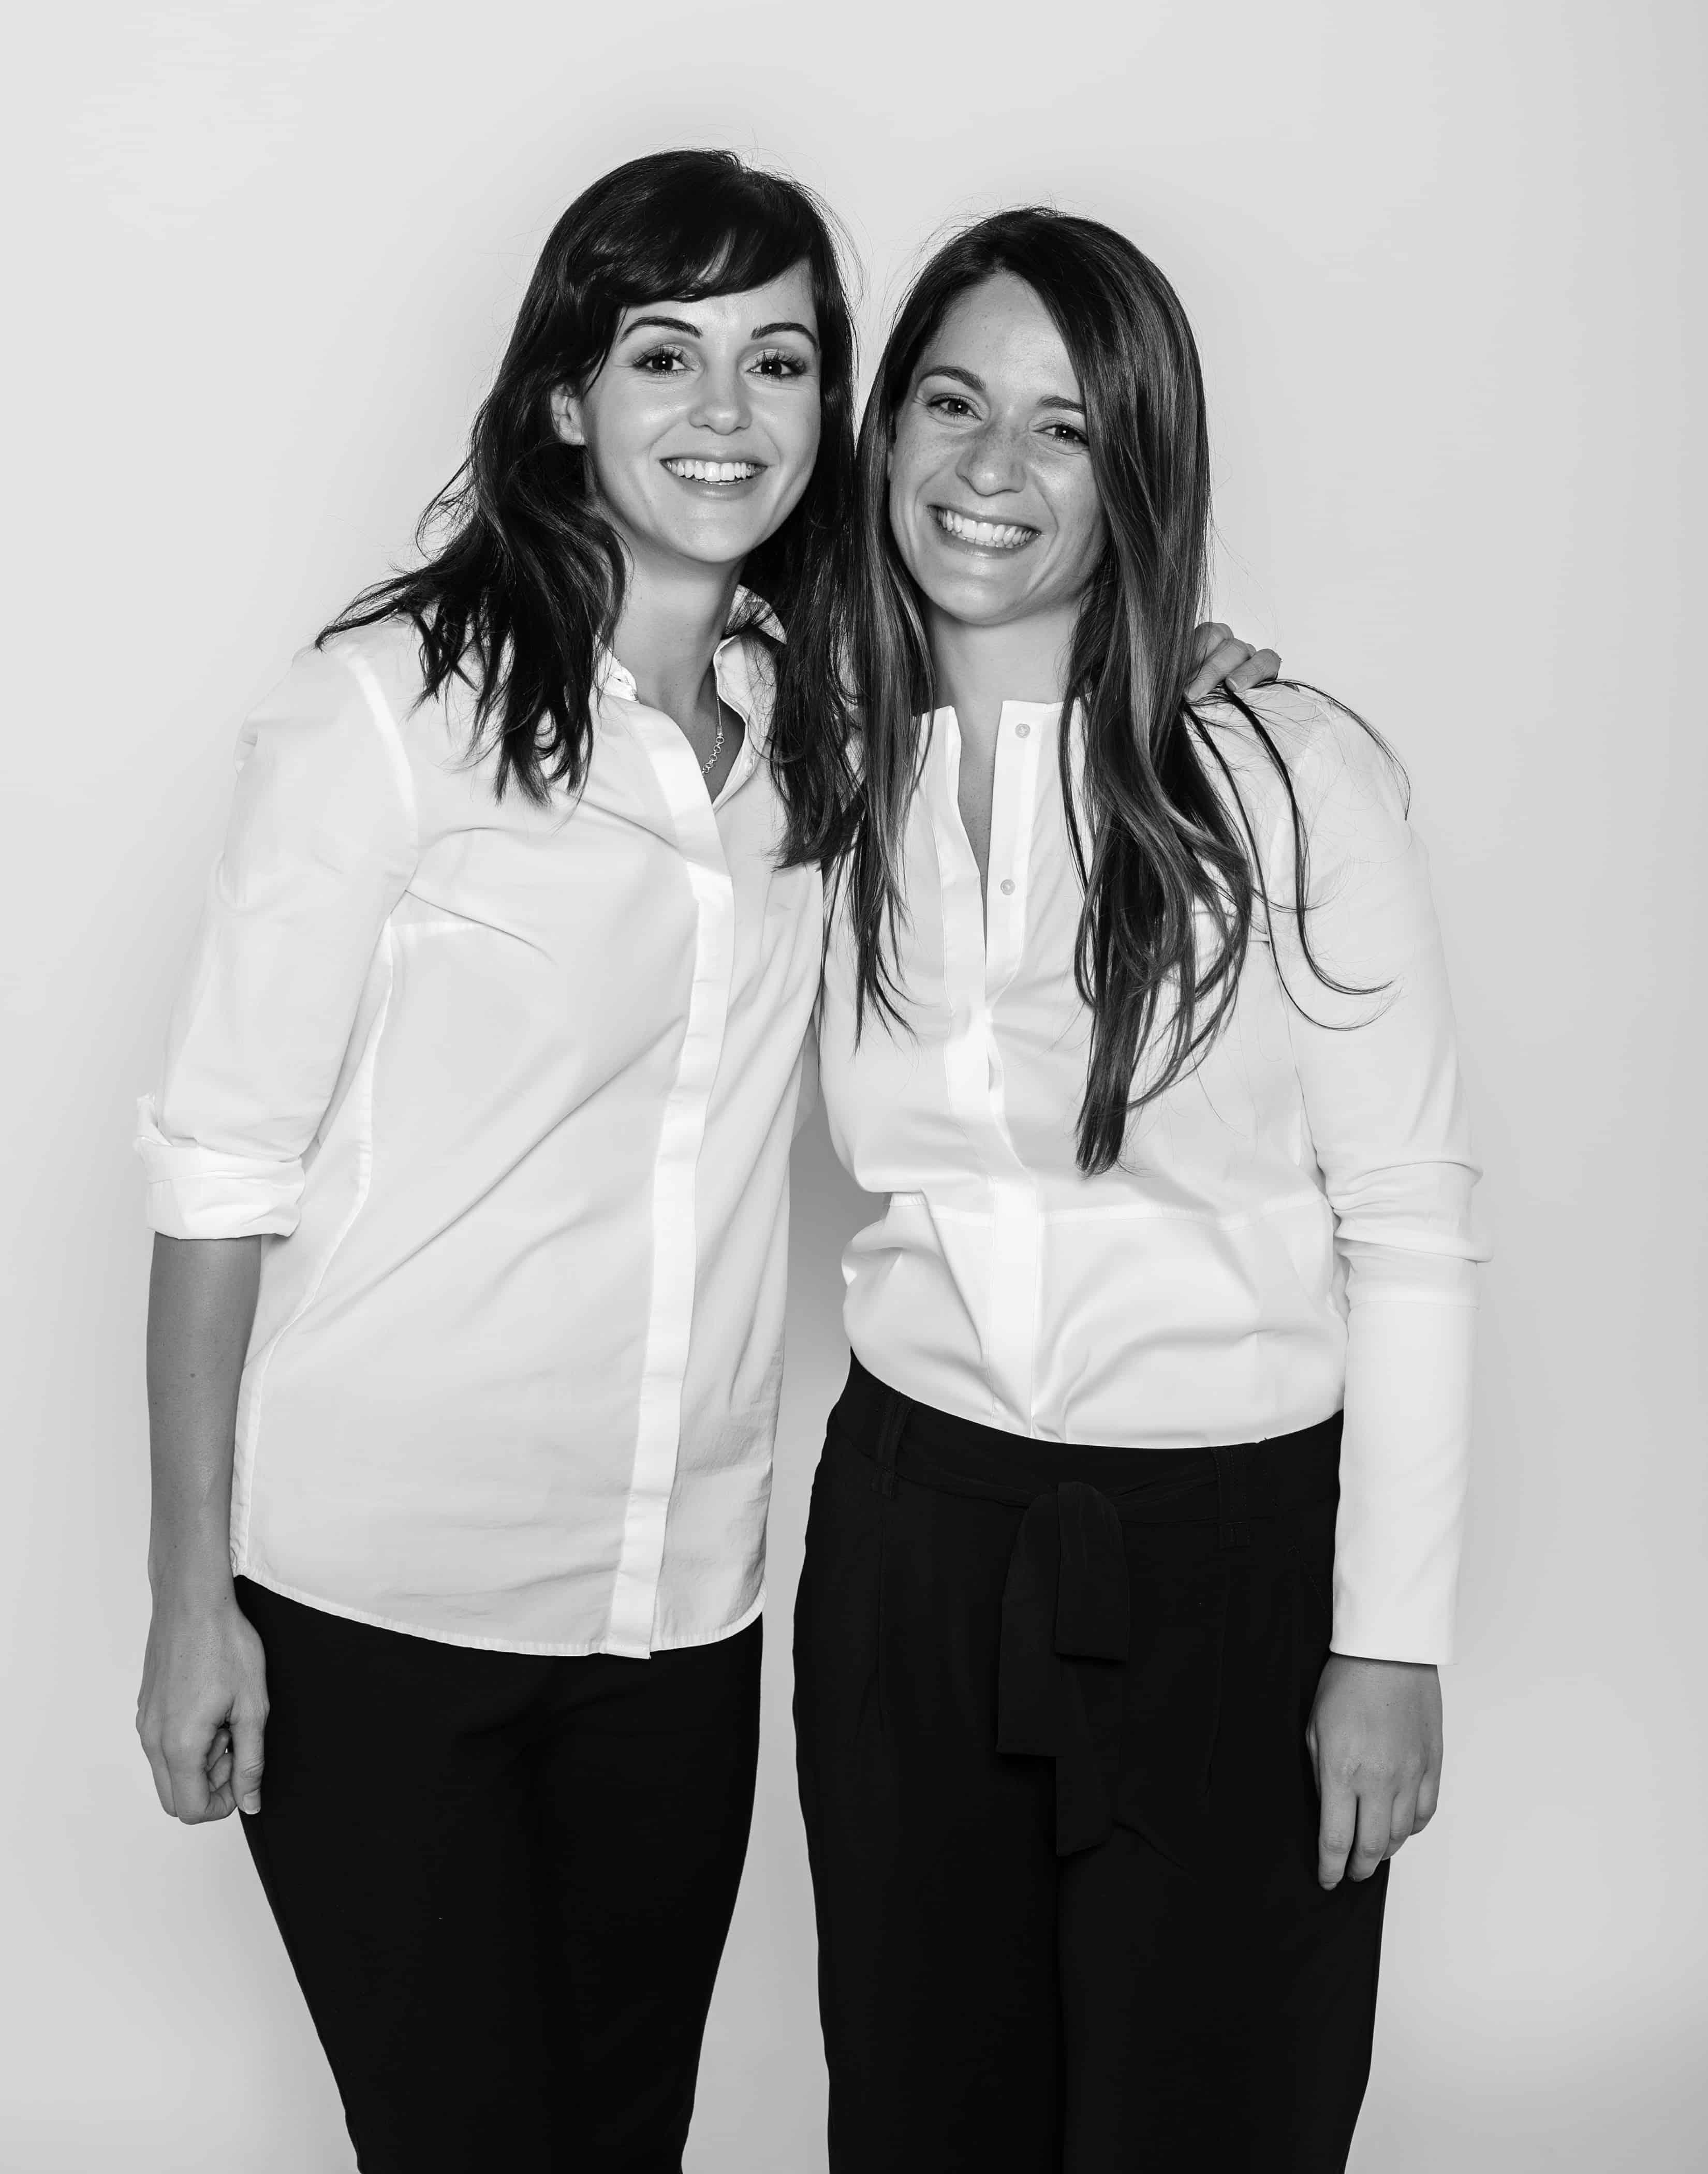 amaella-ethical-lingerie-founders-lara-san-gil-julie-kervadec